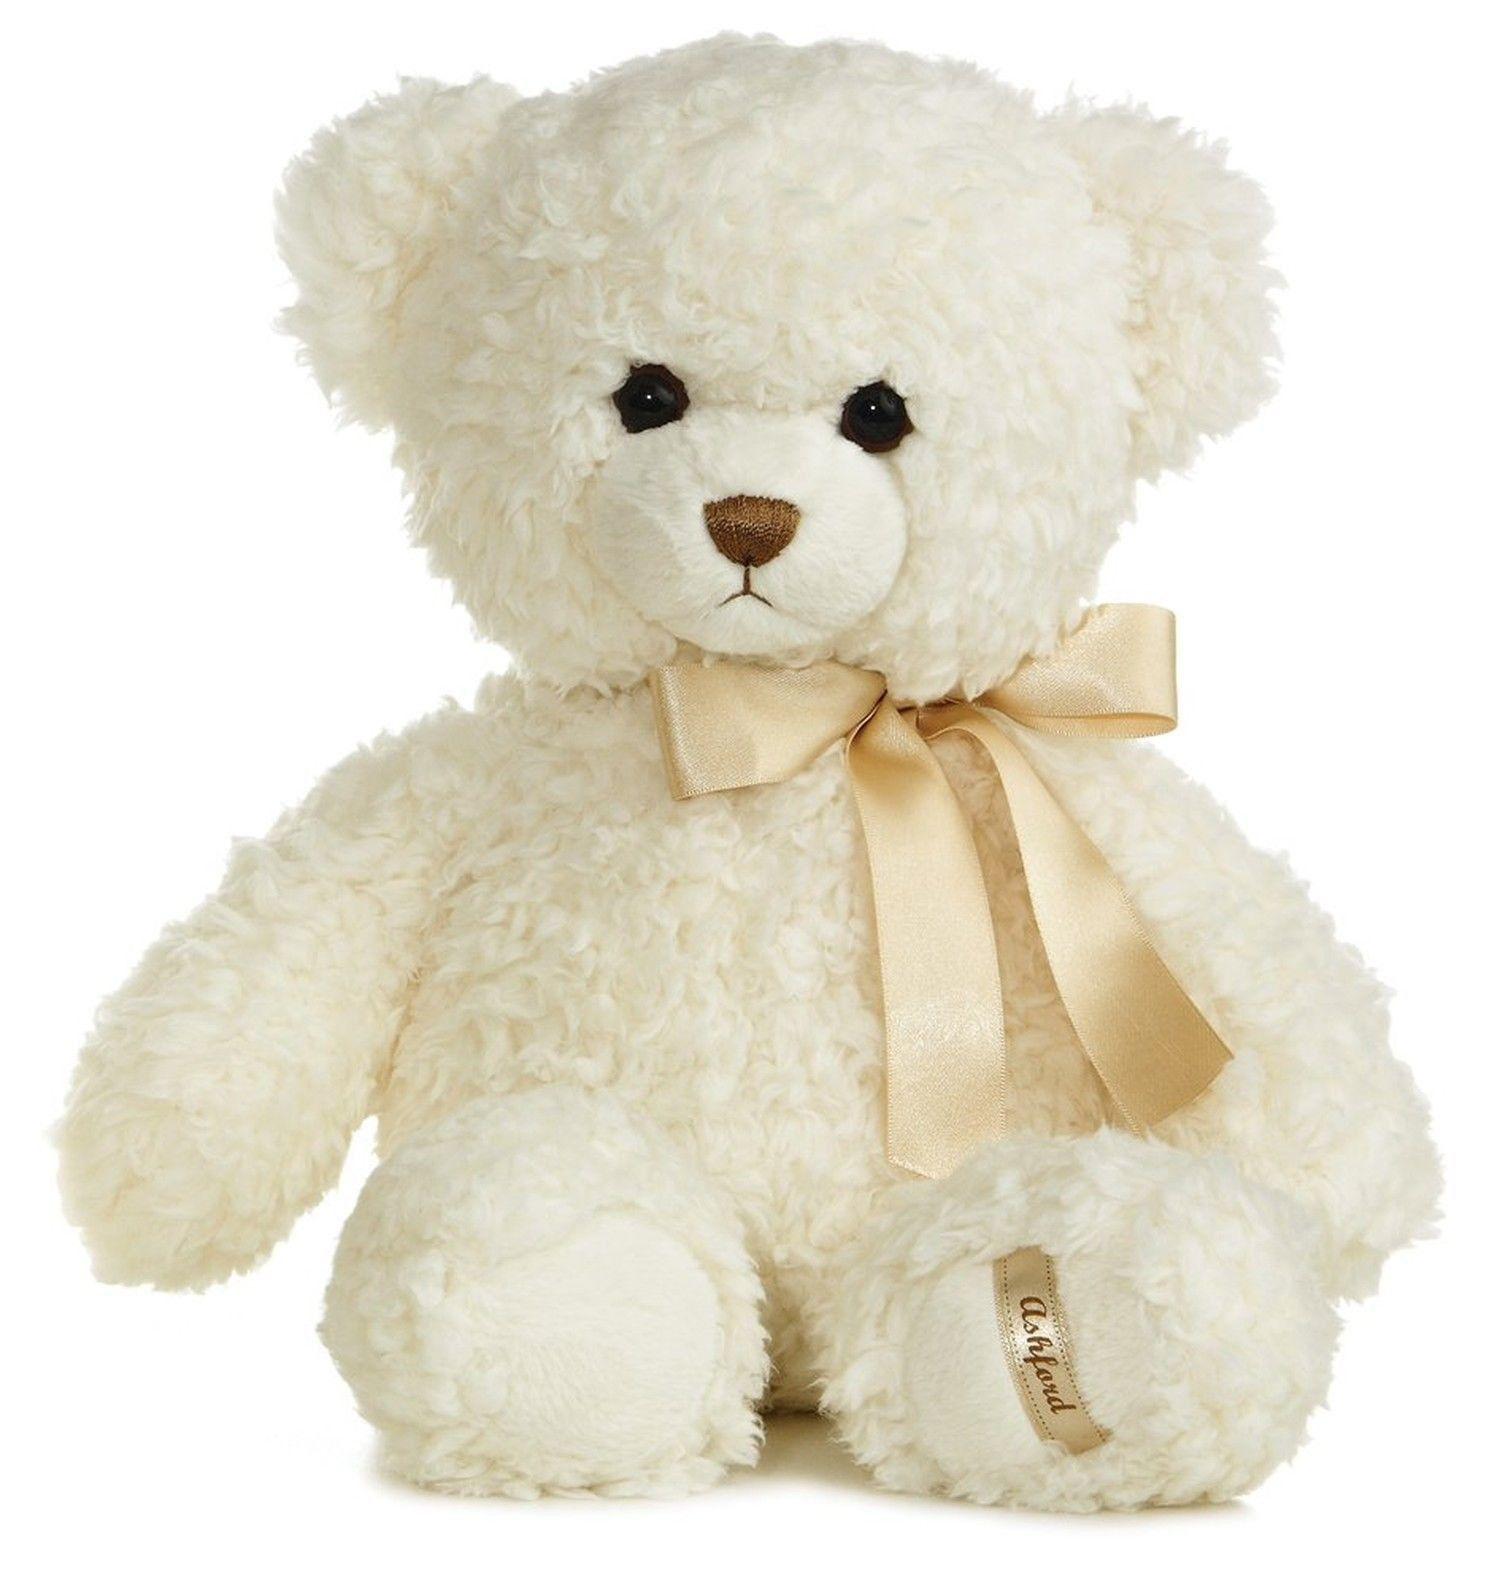 22 Ashford Teddy Bear White Teddy Bear Teddy Bear Stuffed Animal Bear Plush Toy [ 1587 x 1500 Pixel ]